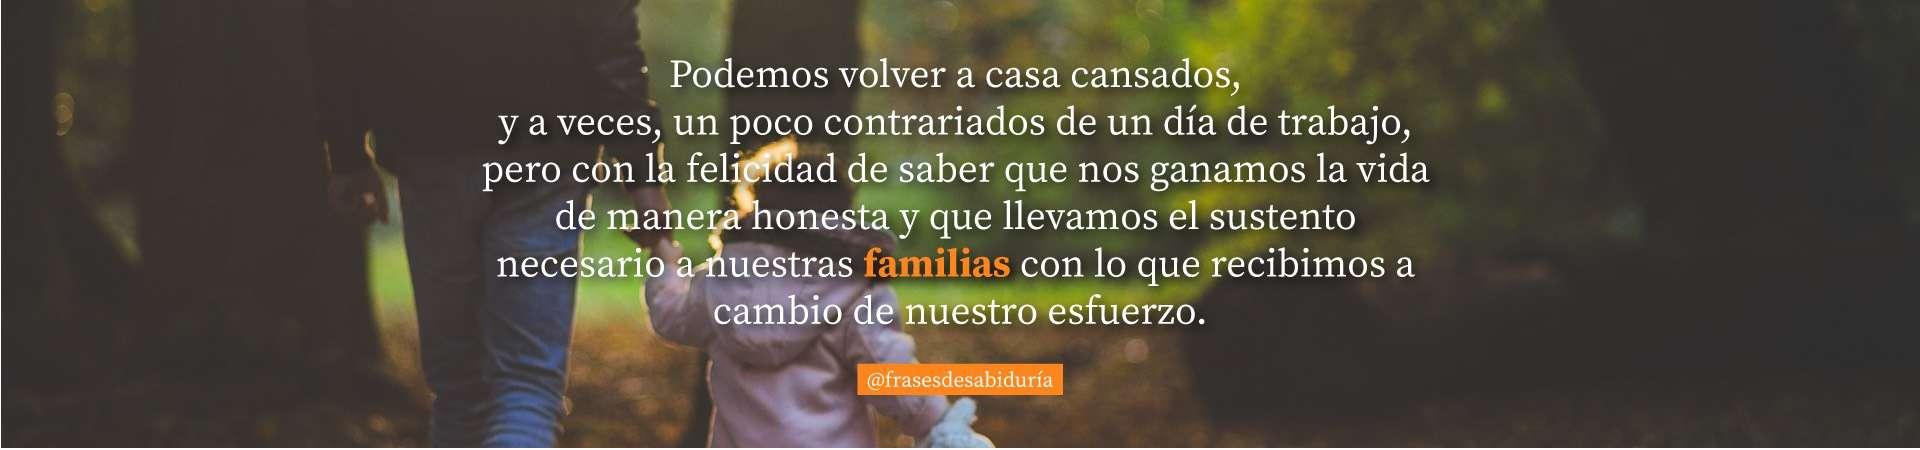 Felicidad de ganarnos la vida y llevar el sustento a la familia.